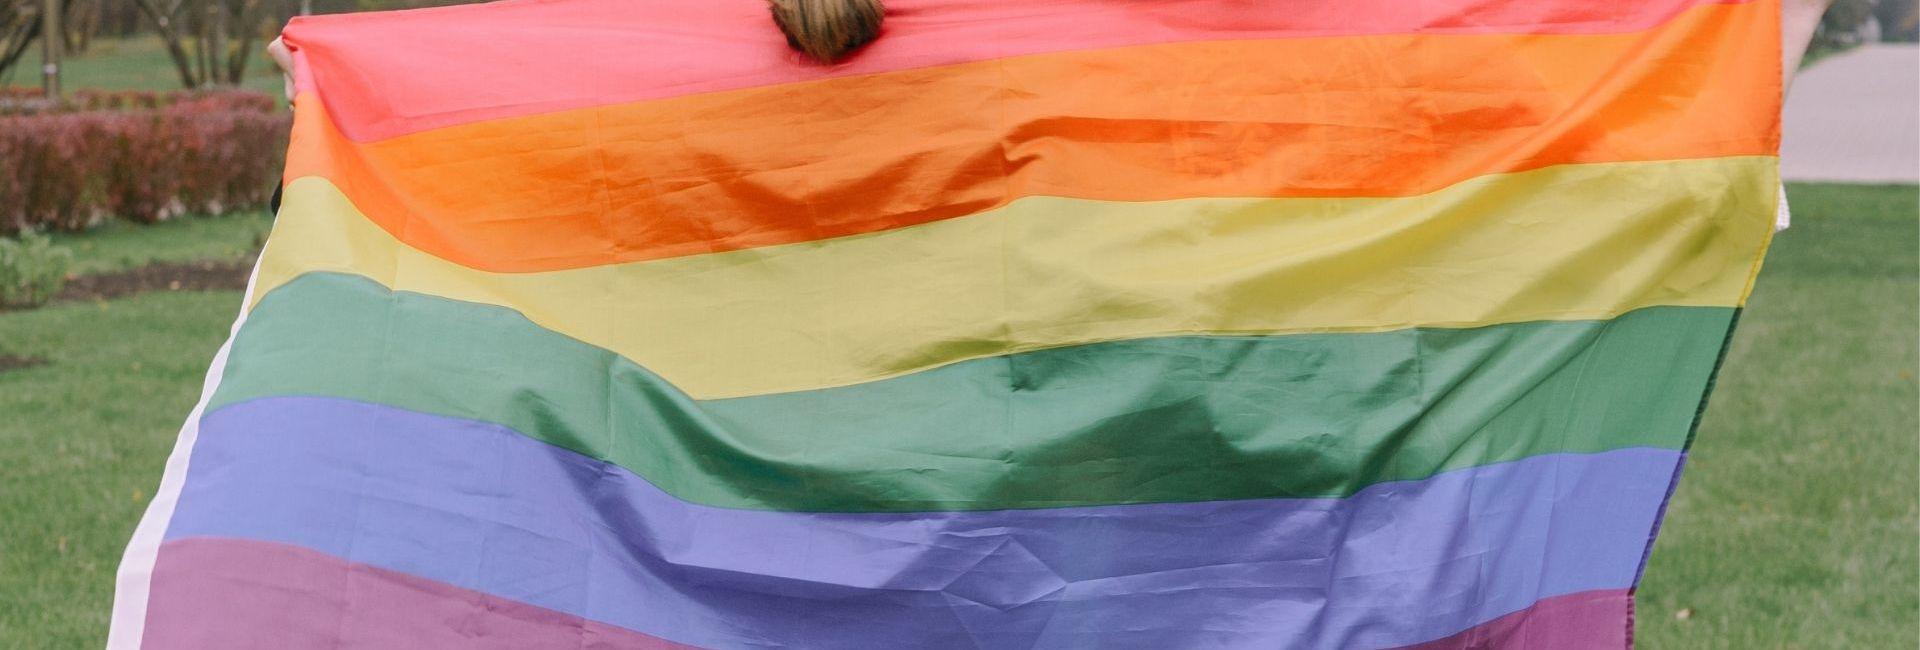 pexels-ivan-samkov-mariage pour tous drapeau arc en ciel